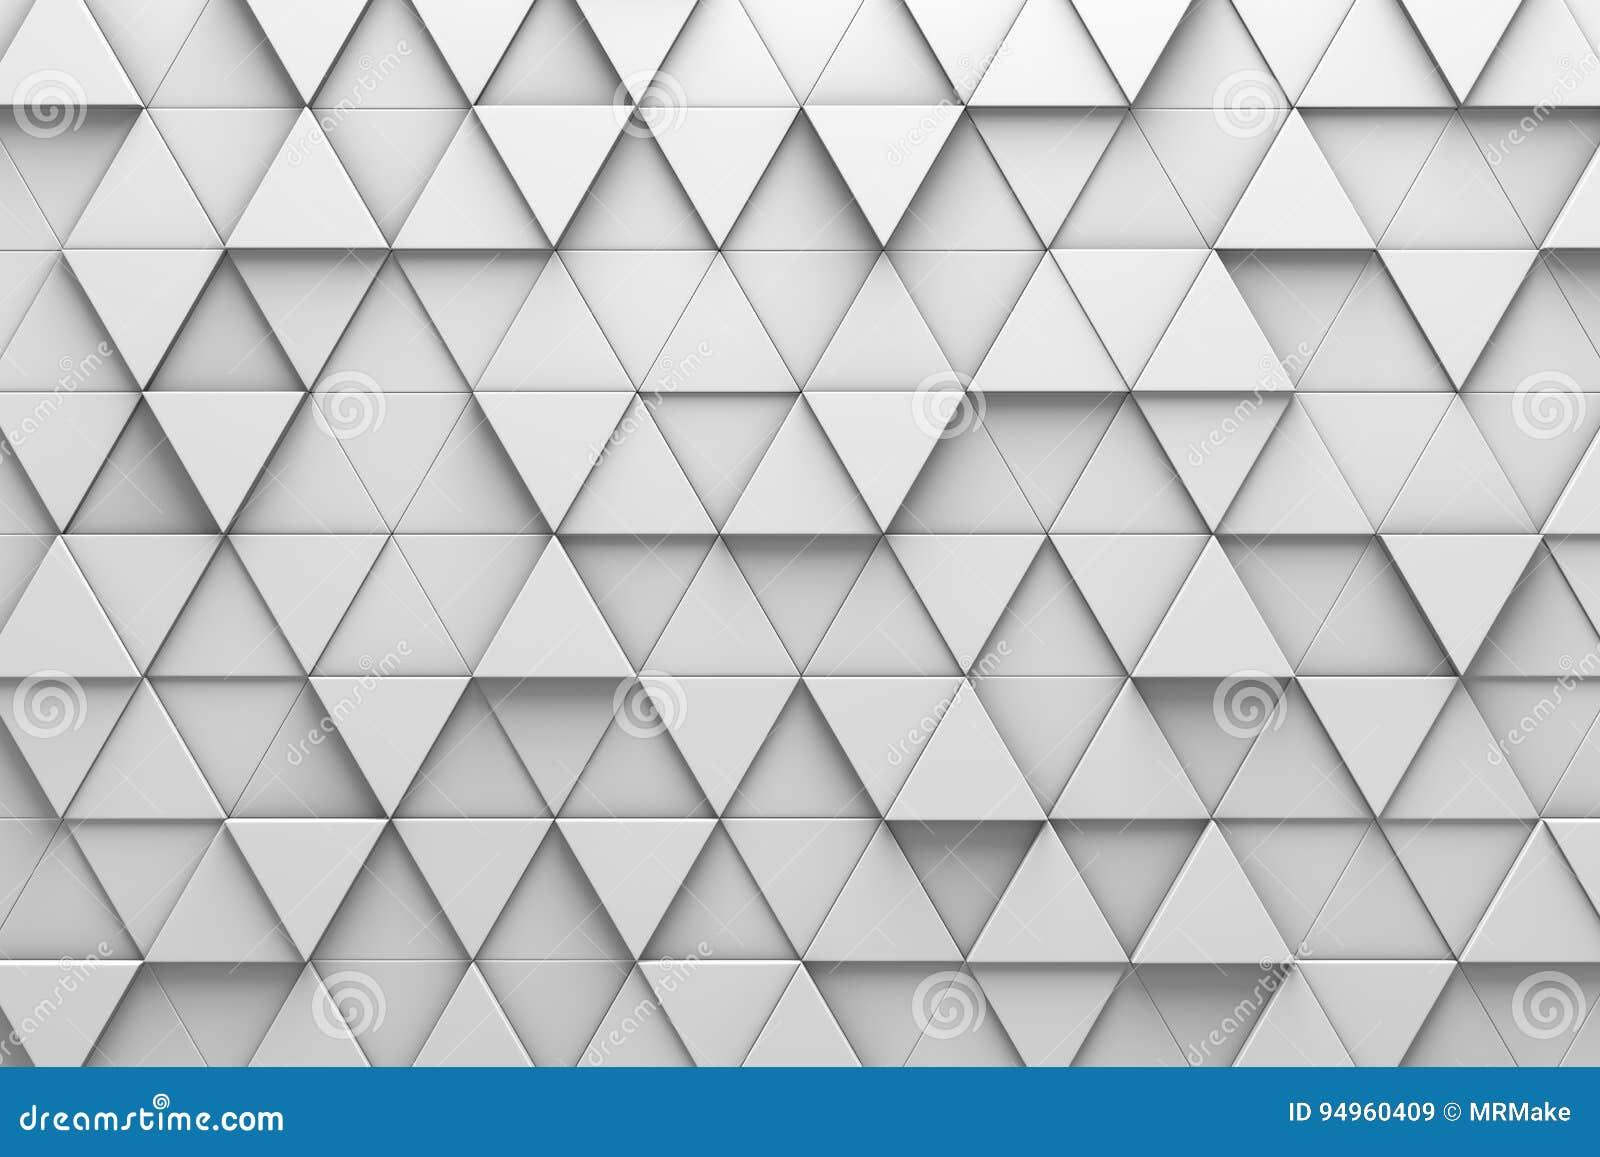 Download Dreieckige Muster Wand Der Fliesen 3D Stock Abbildung    Illustration Von Gelegentlich,